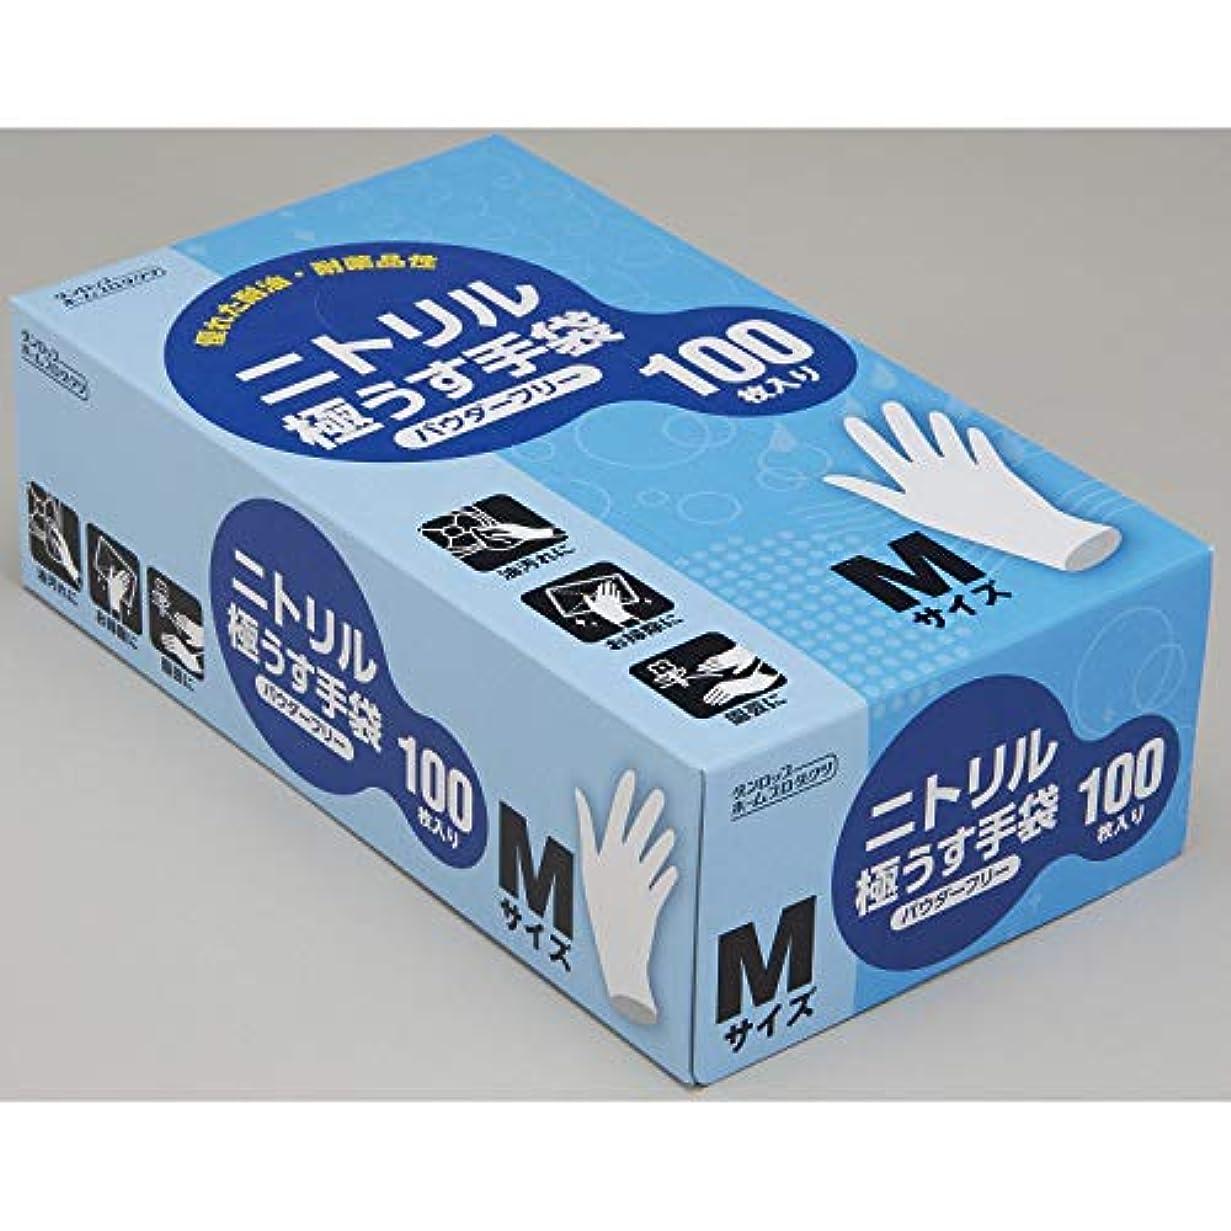 ビュッフェハーフマーティフィールディングダンロップ 二トリル極うす手袋 パウダーフリー Mサイズ 100枚入 ×20個